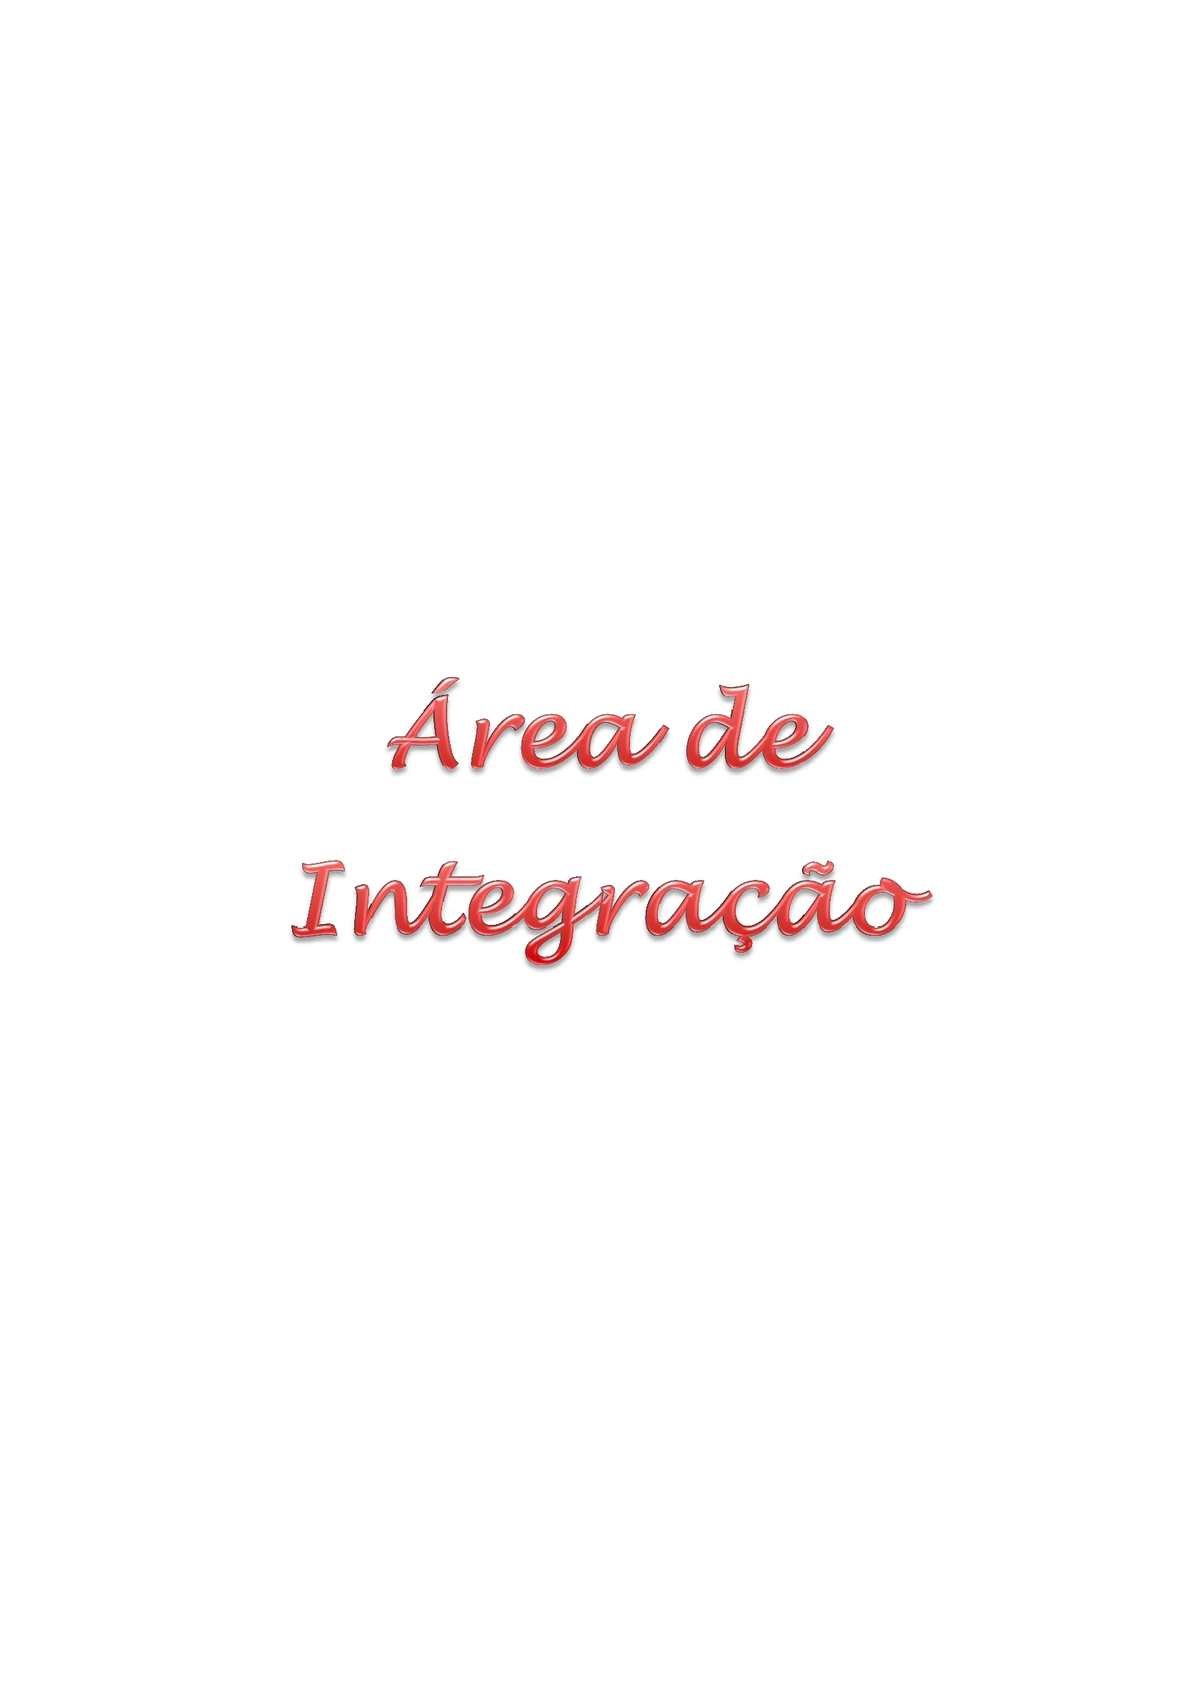 Manual de Área de Integração